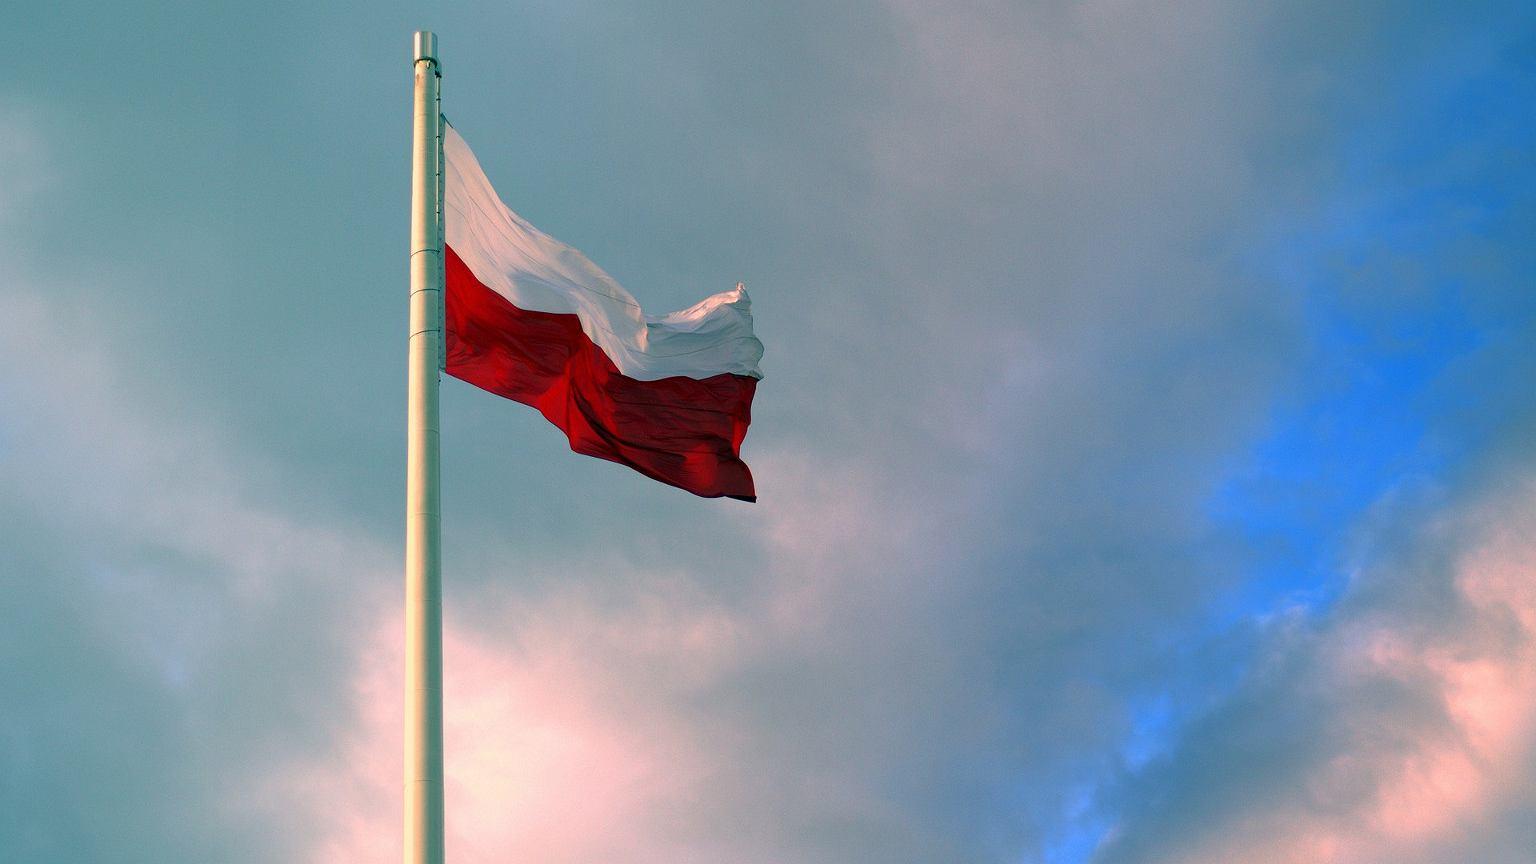 Dlaczego Polacy nie lubią innych Polaków?